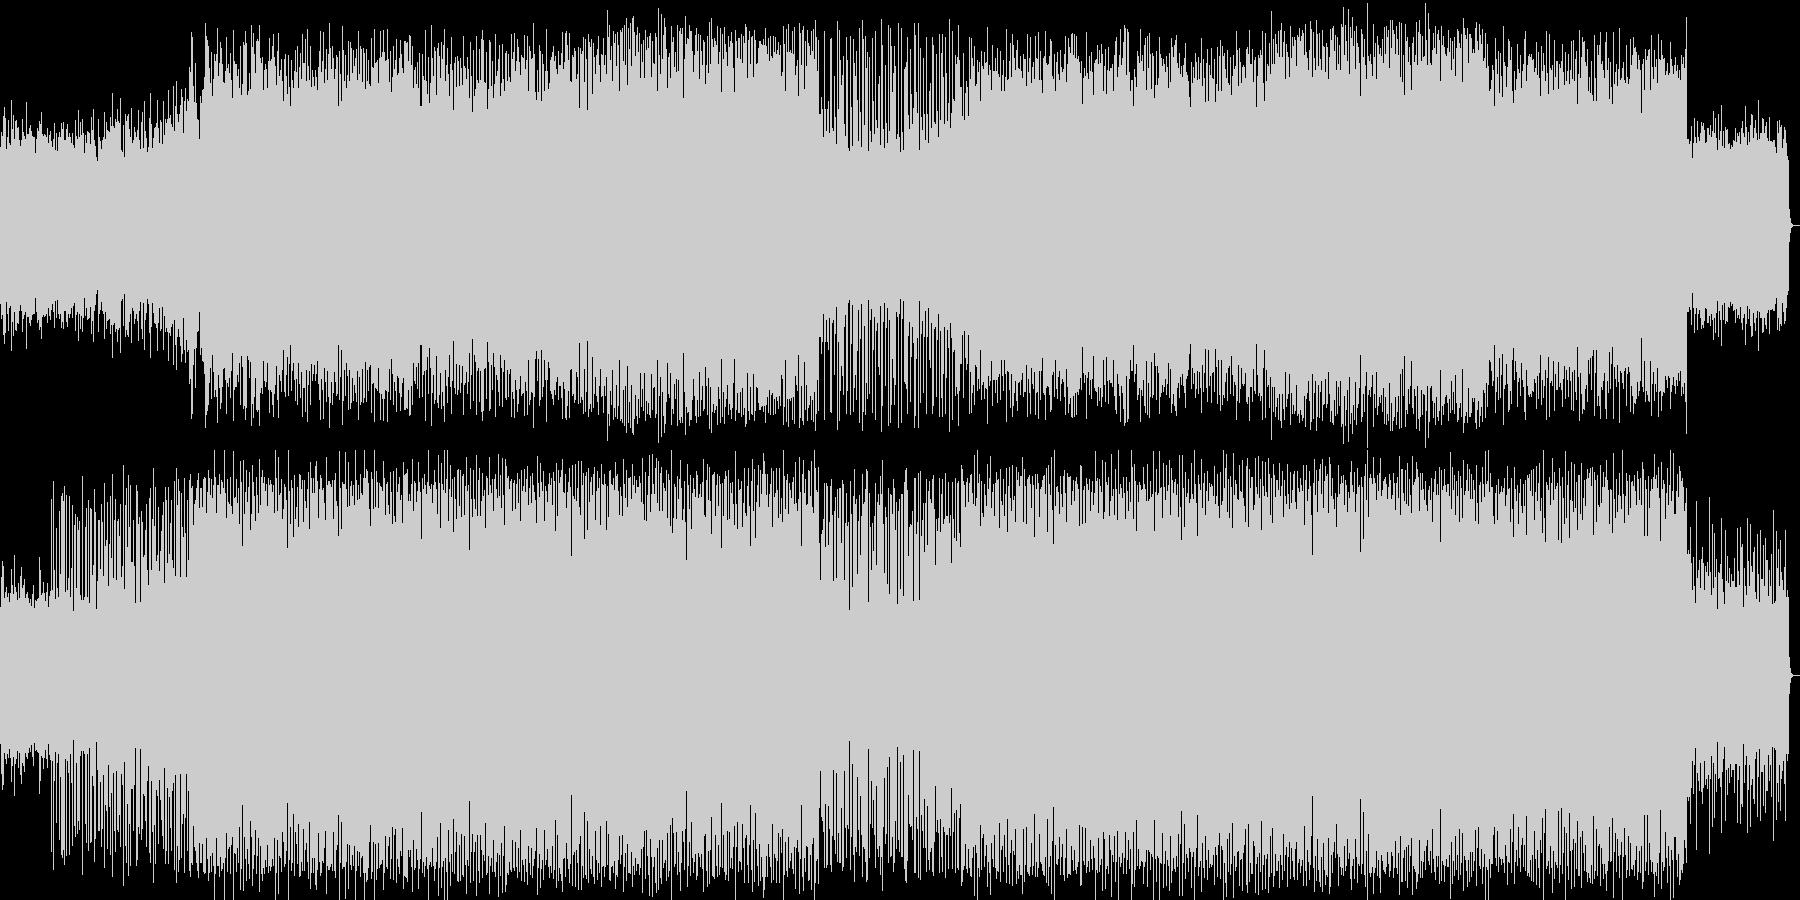 楽しいアップテンポのシンセサイザーの曲の未再生の波形